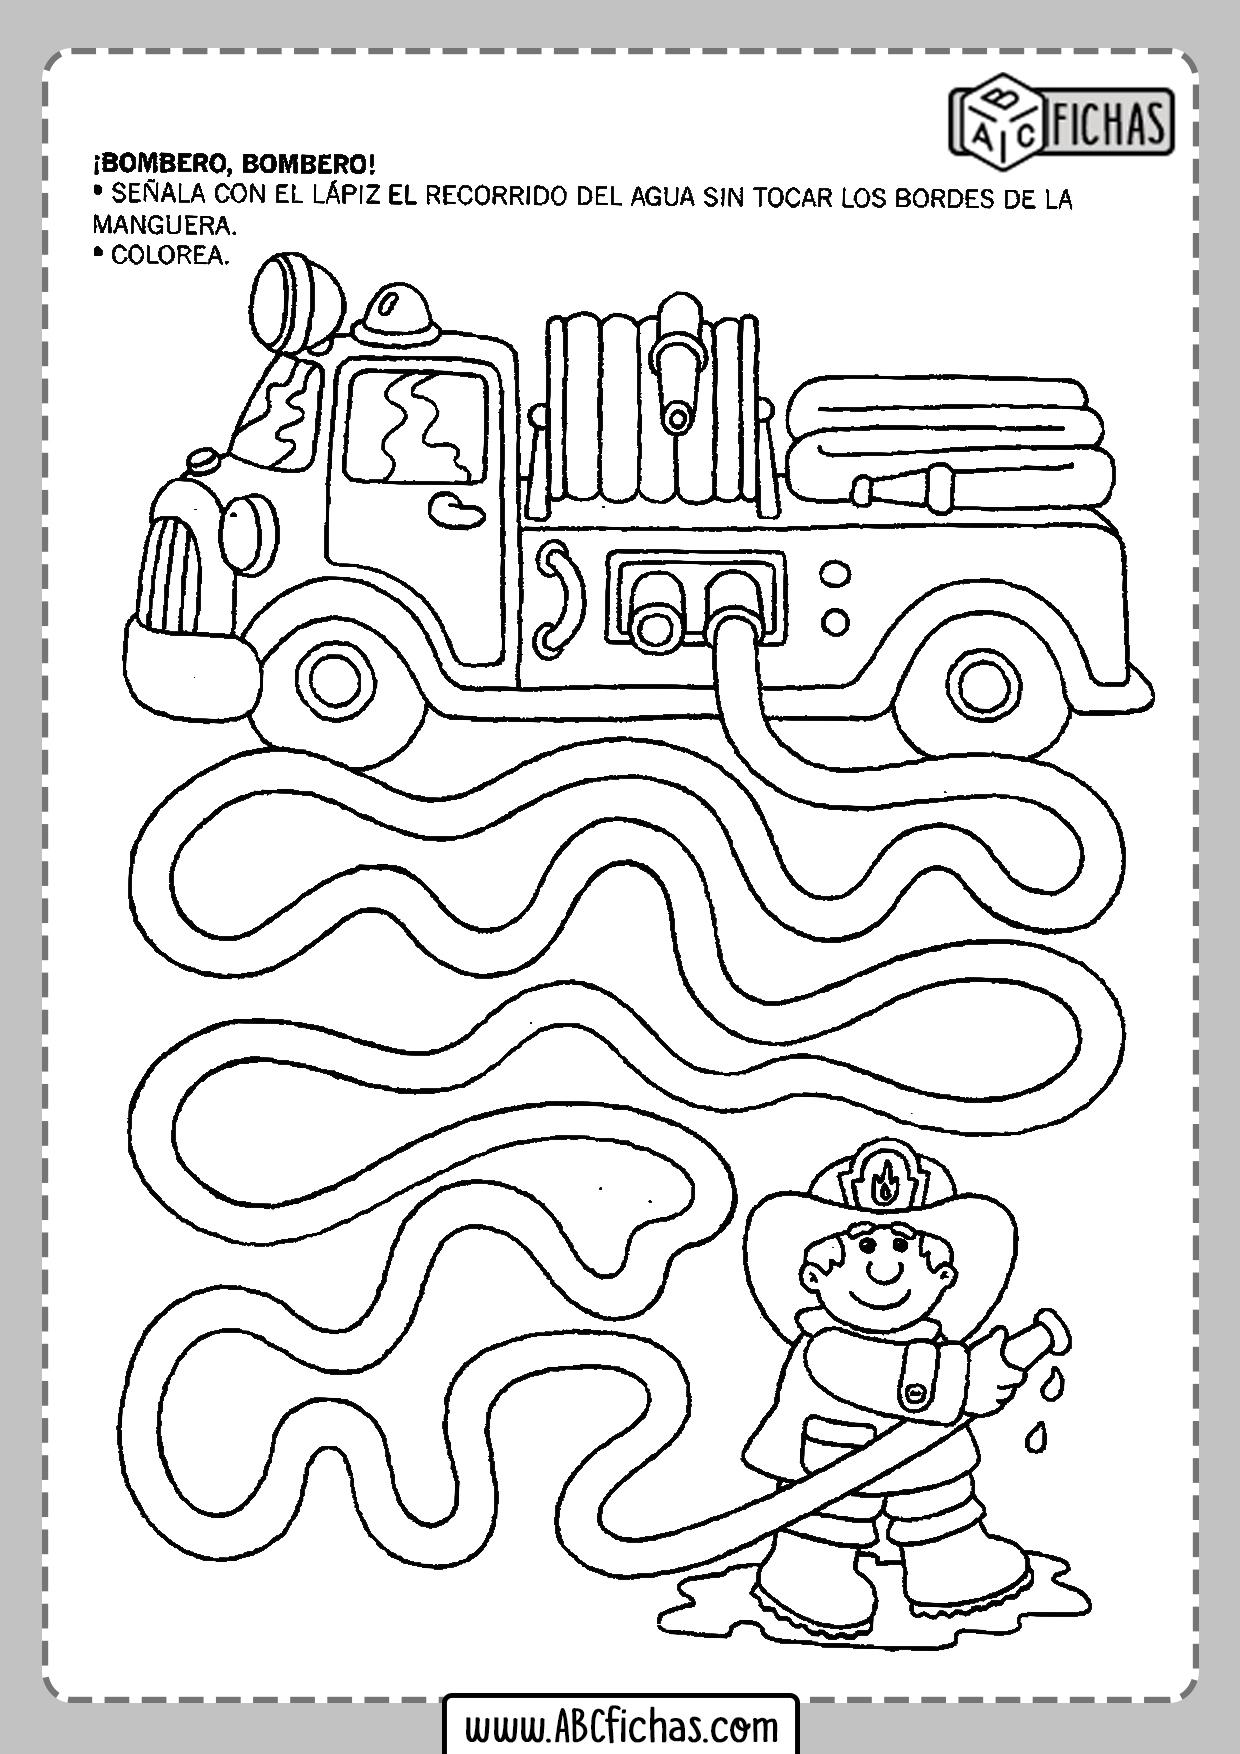 Fichas para imprimir para niños de 5 años